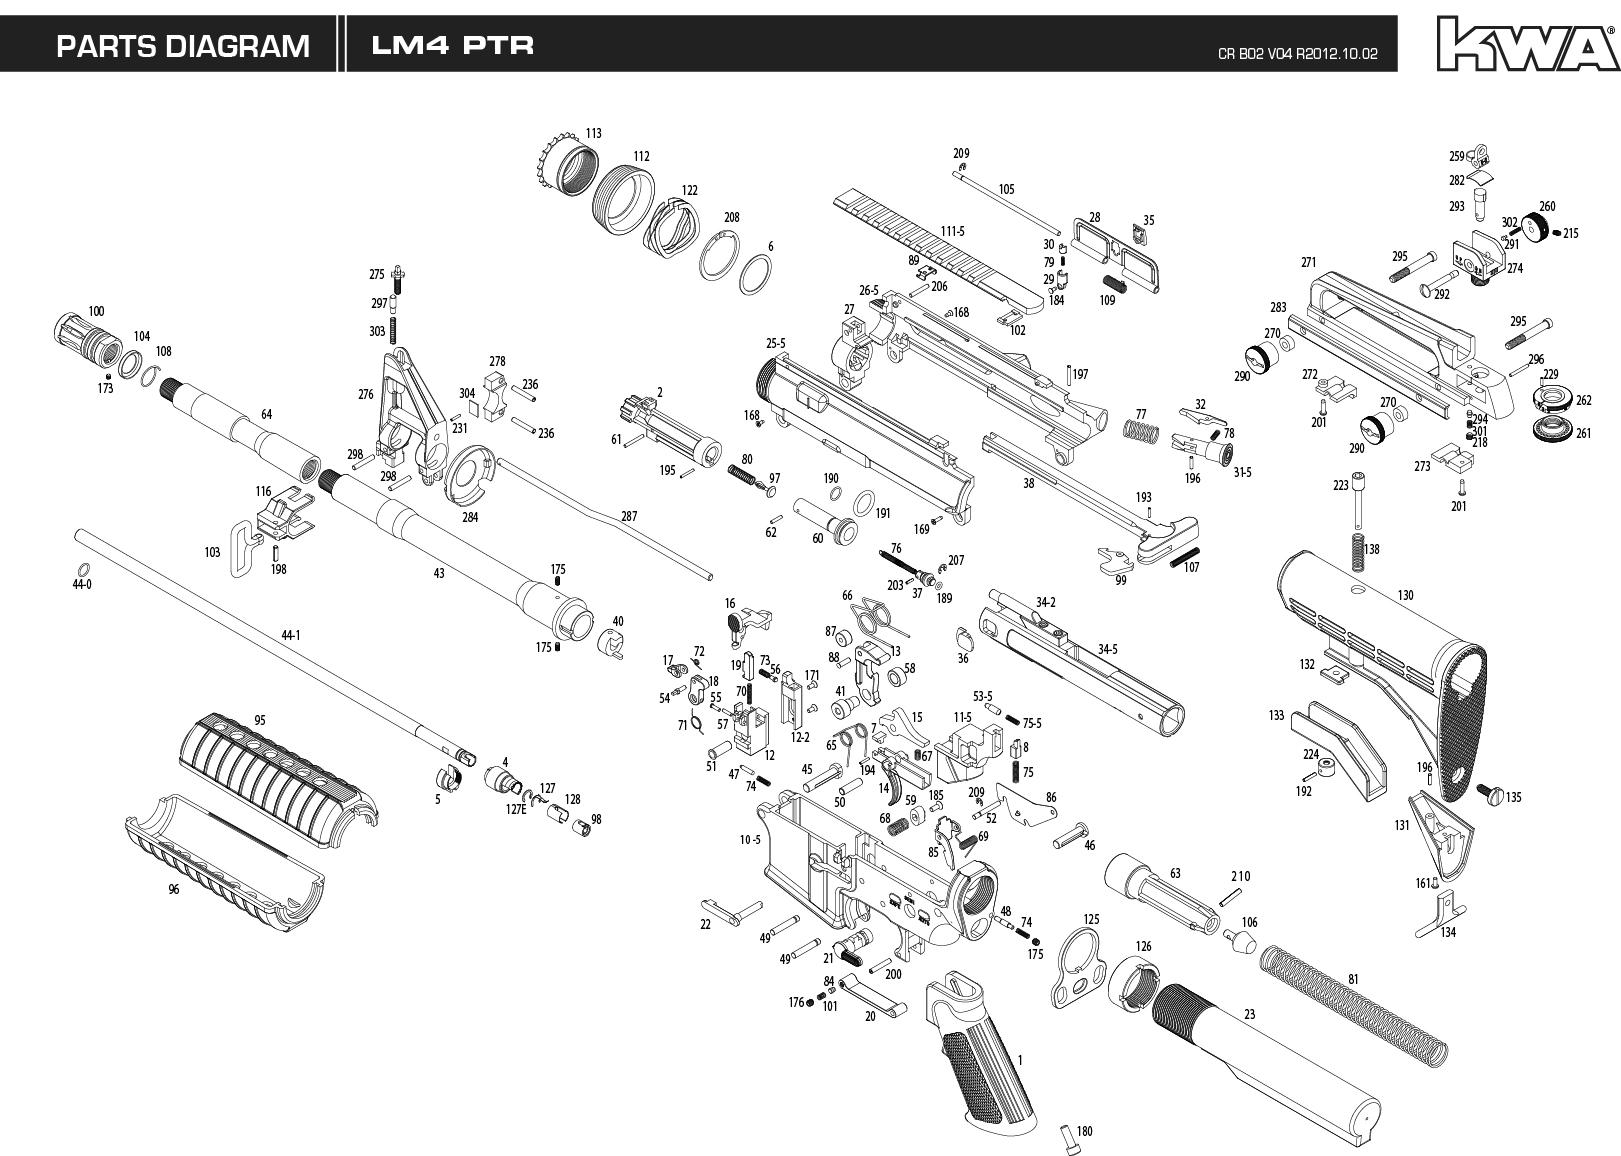 Kwa Gun Manual Lm4 Ptr